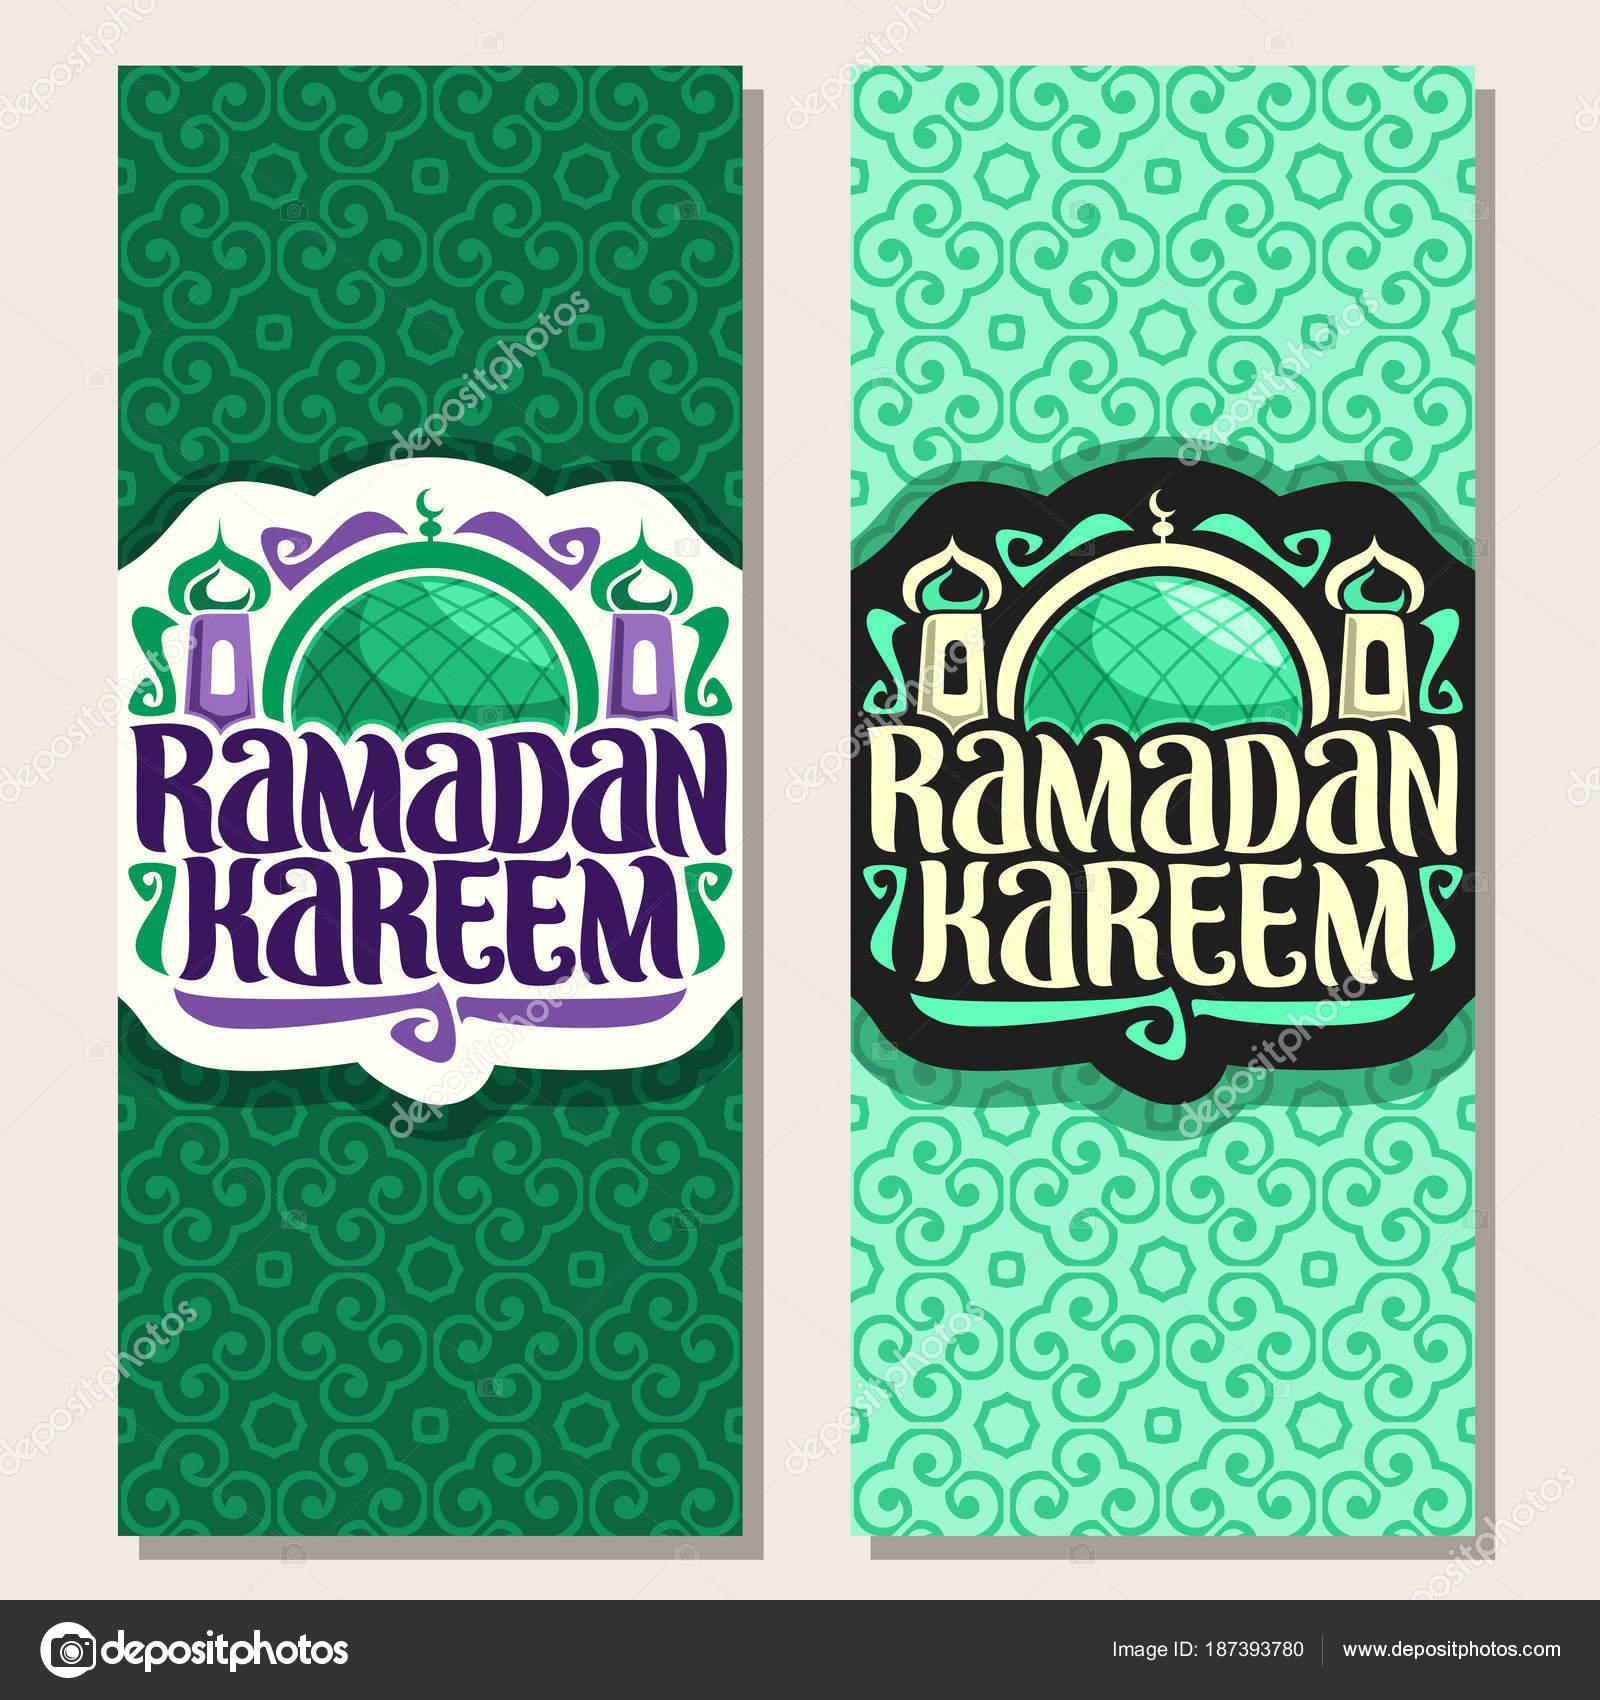 Vector carto vertical com caligrafia muulmana ramadan kareem vector carto vertical com caligrafia muulmana ramadan kareem cortar o logotipo de papel com o original tipo de escova para palavras ramadan kareem stopboris Gallery